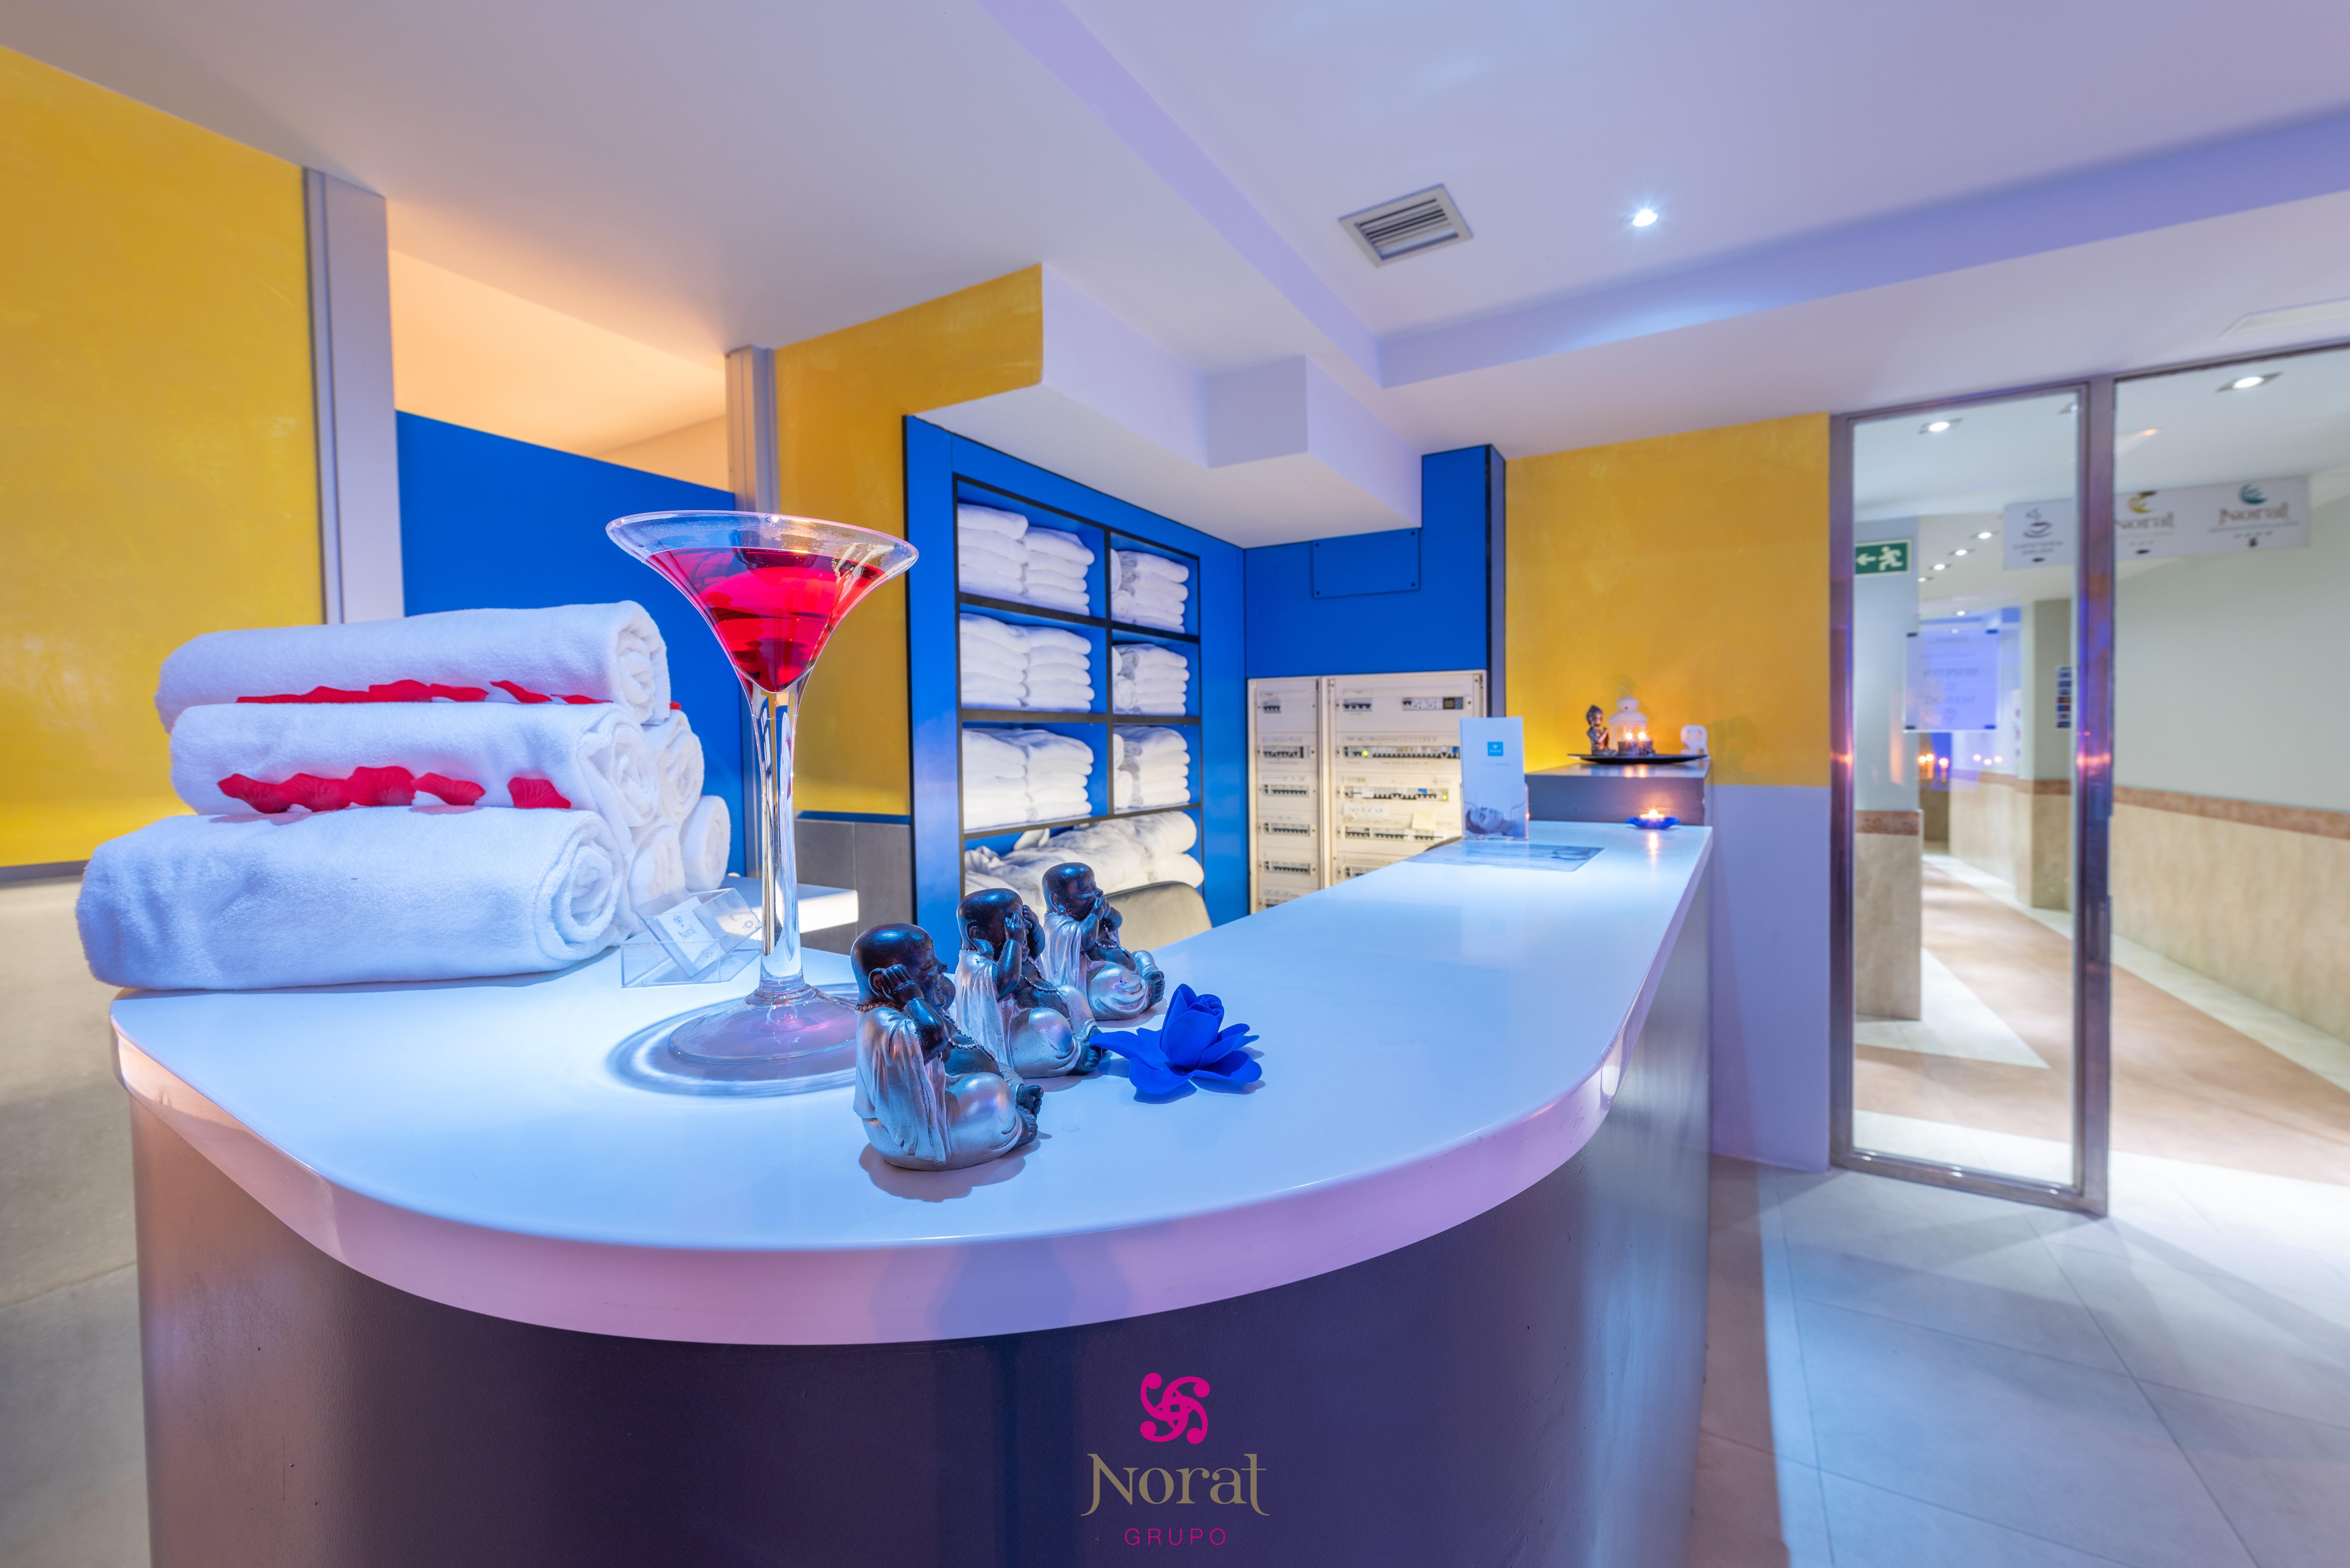 28. Norat Marina & Spa